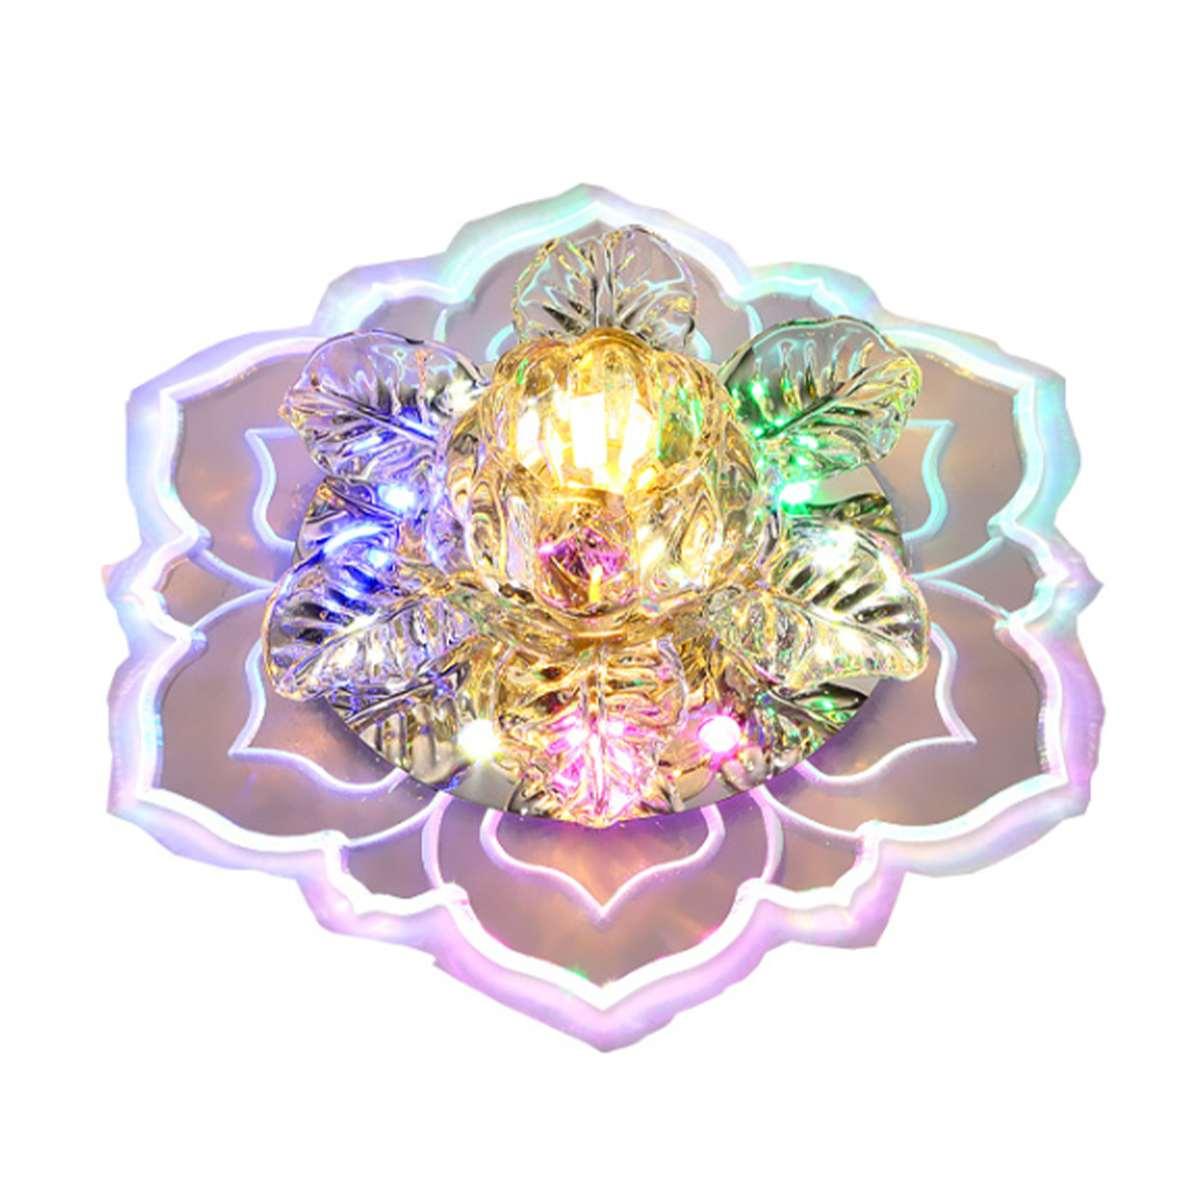 Цветной Современный хрустальный потолочный светильник в форме цветка, Светодиодная потолочная лампа, украшение для дома, коридоры светиль...